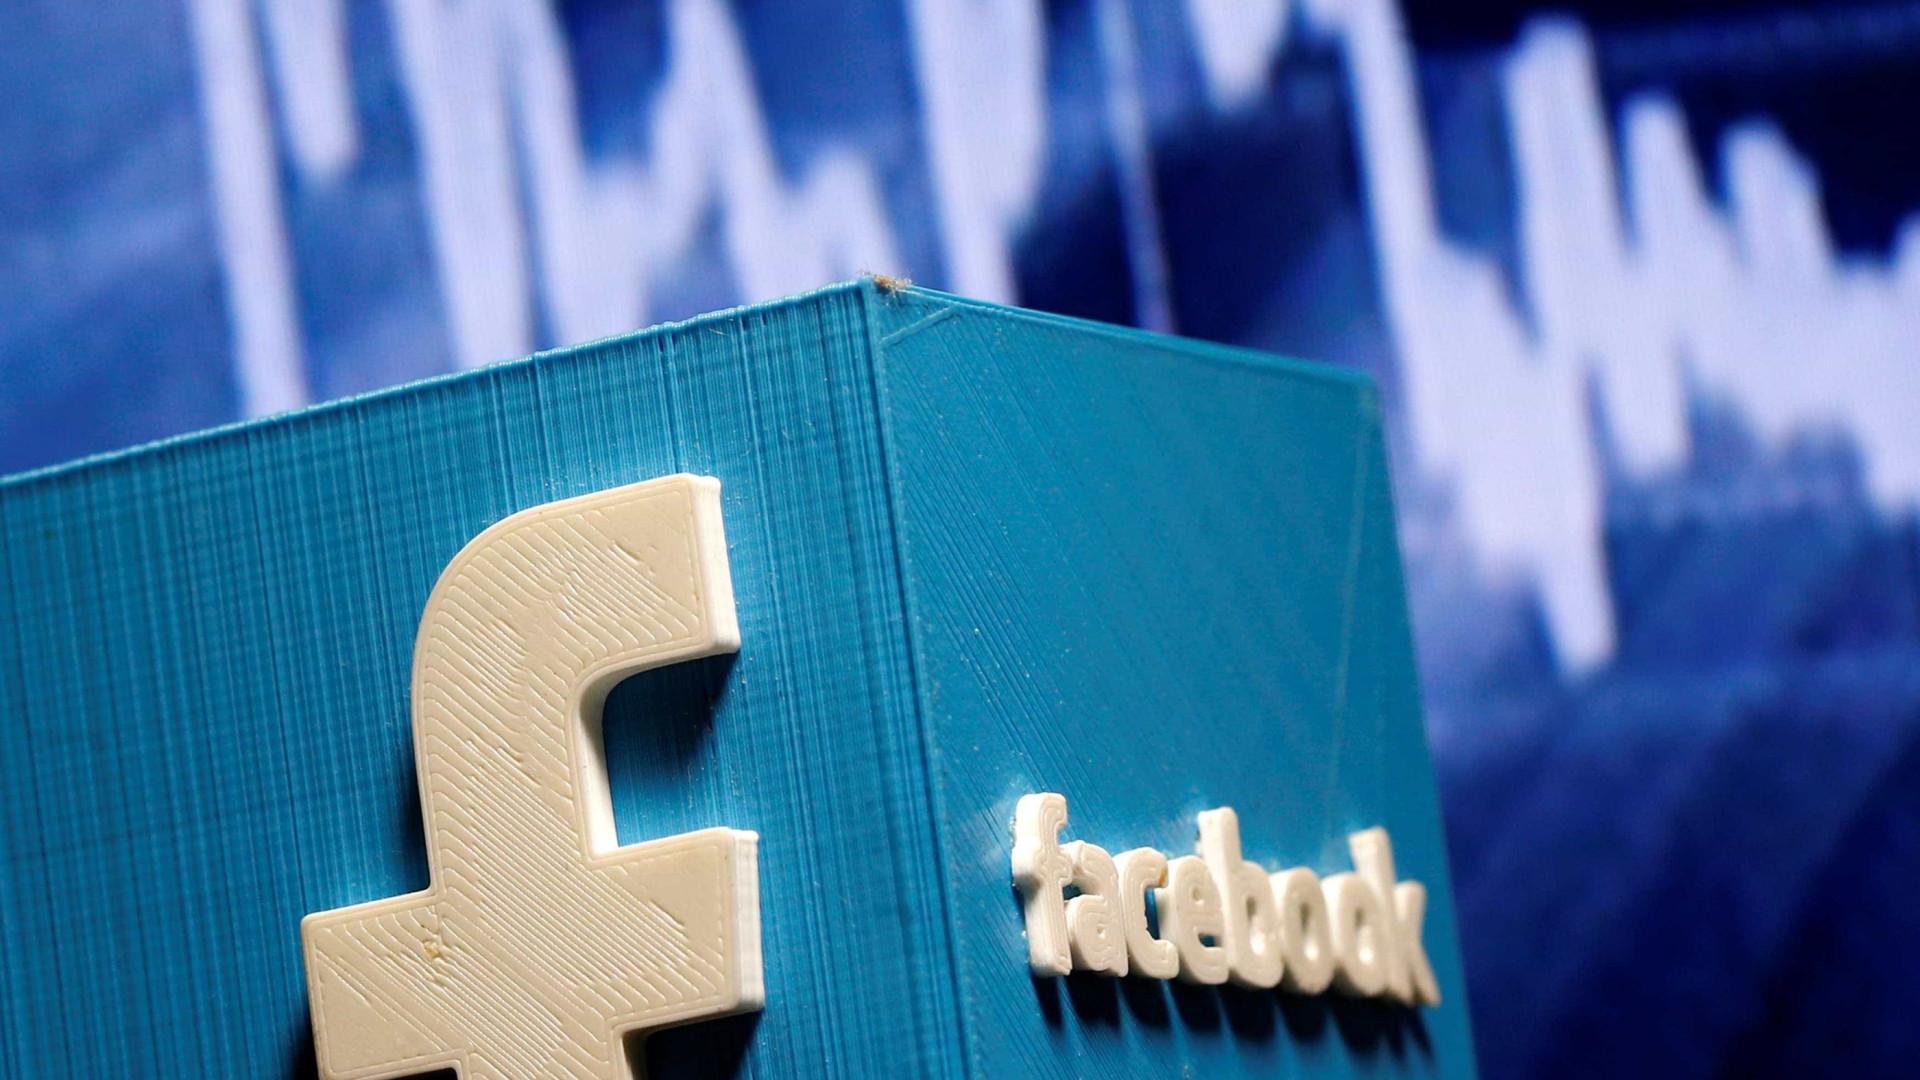 Facebook pede desculpa por ter promovido jogo violento após massacacre